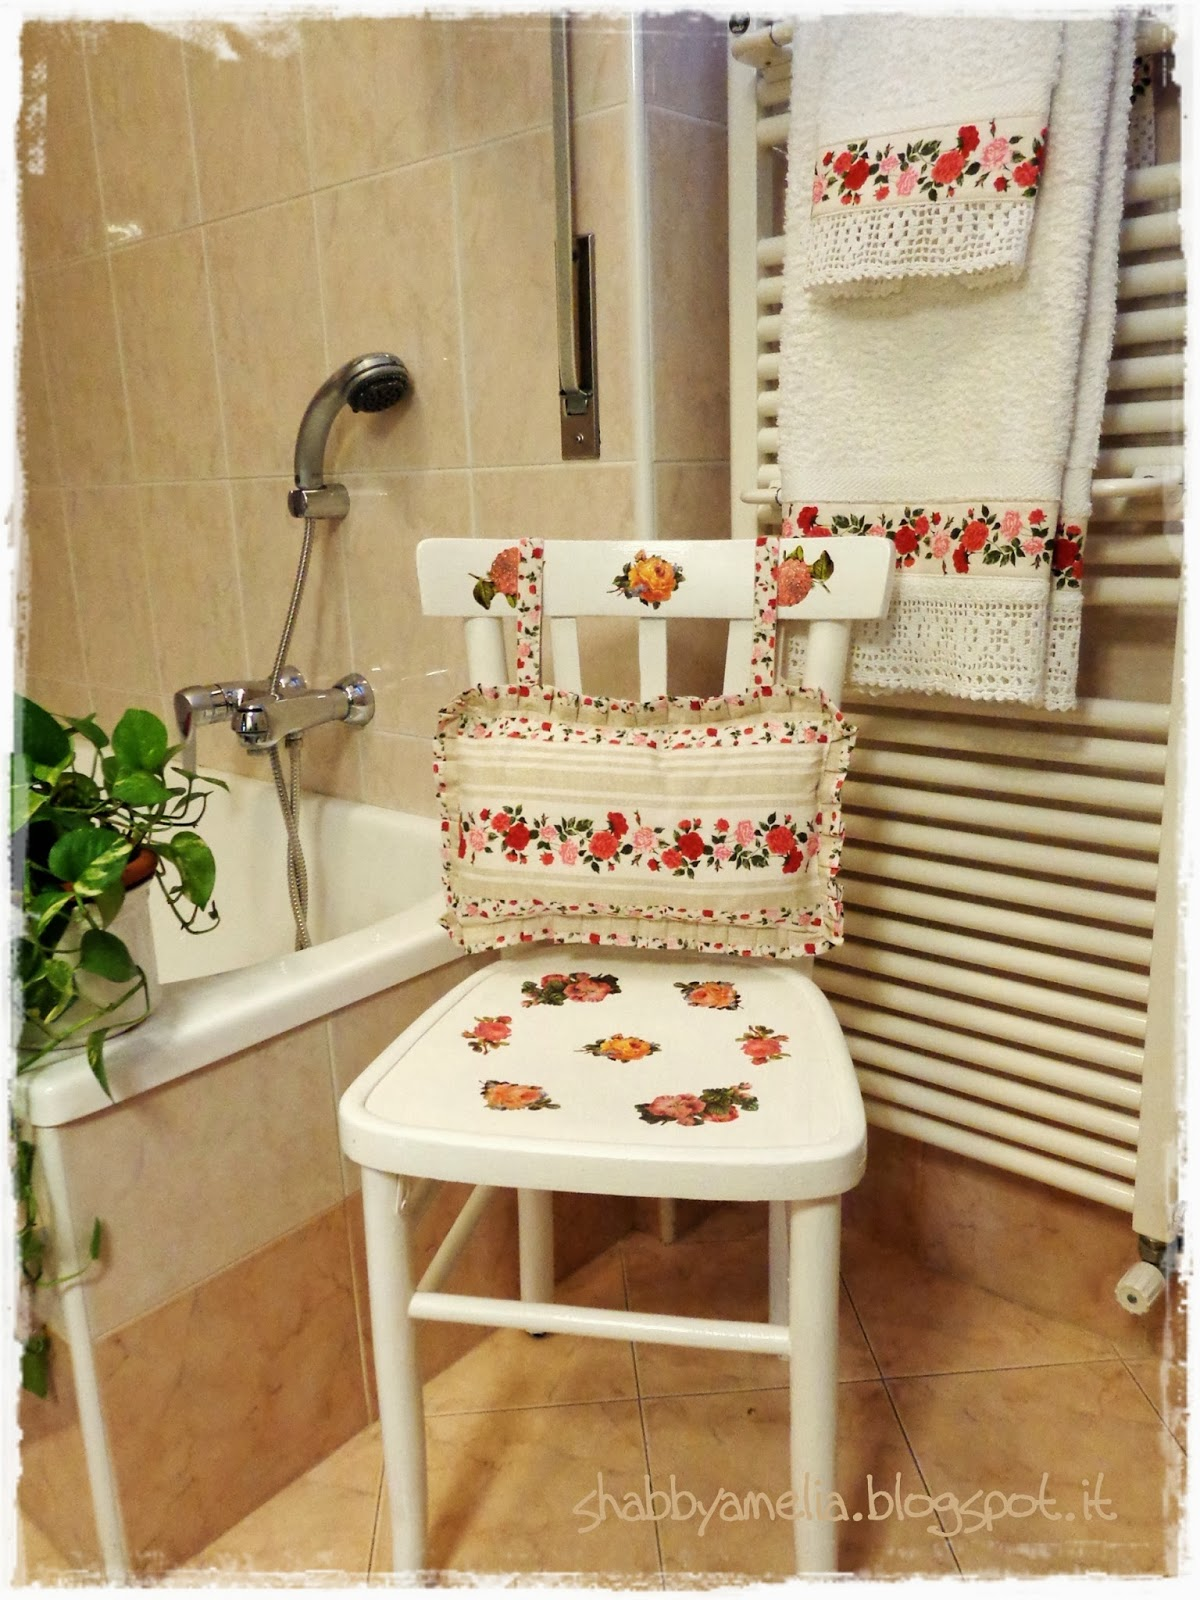 Shabby amelia sedia romantica con asciugamani coordinati - Coordinati cucina country ...